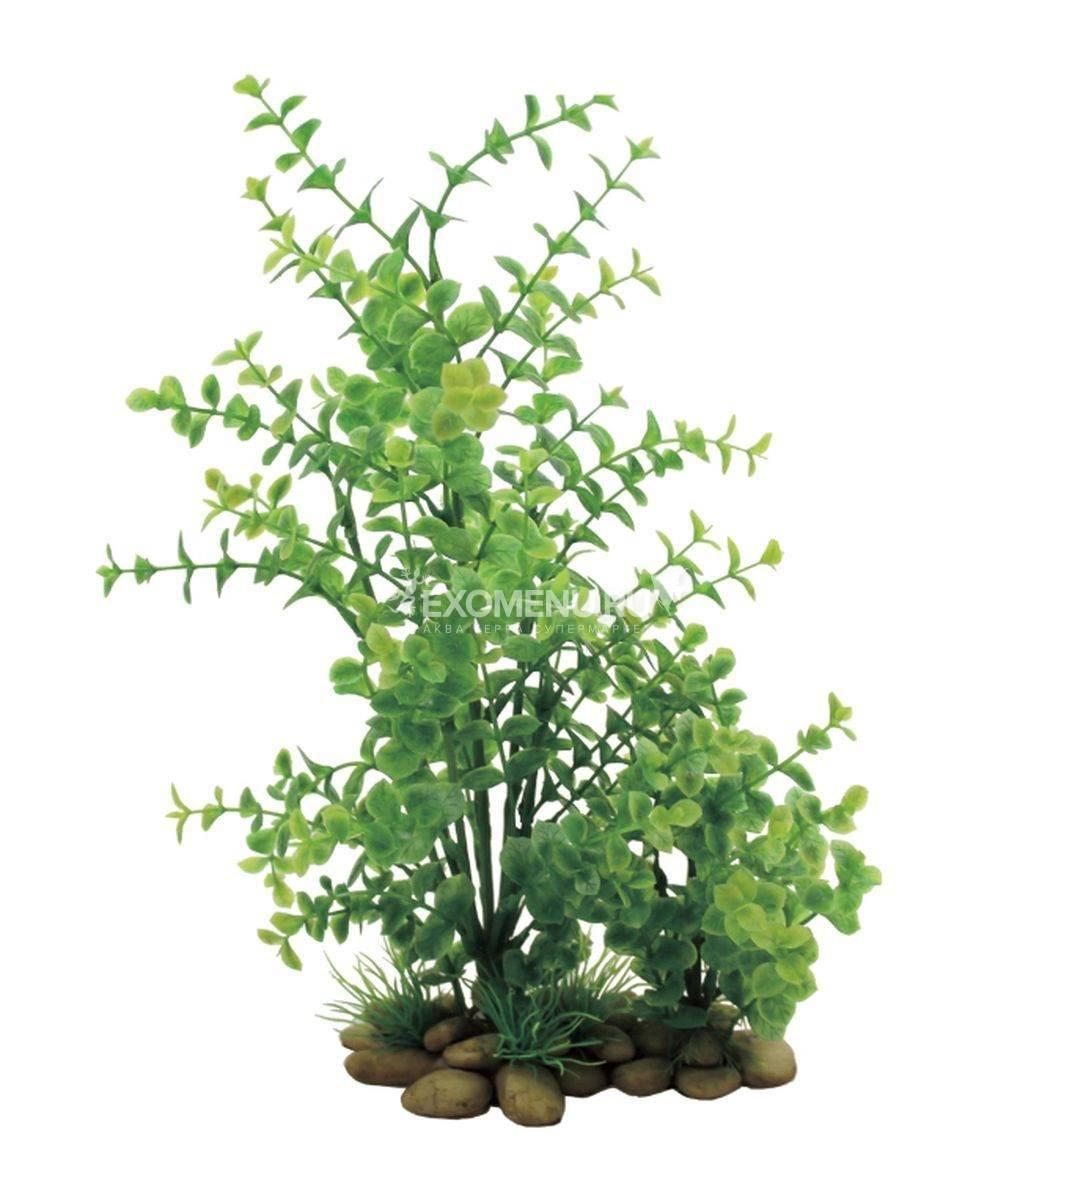 ArtUniq Lysimachia 30 - Искусственное растение Лизимахия, 30 см